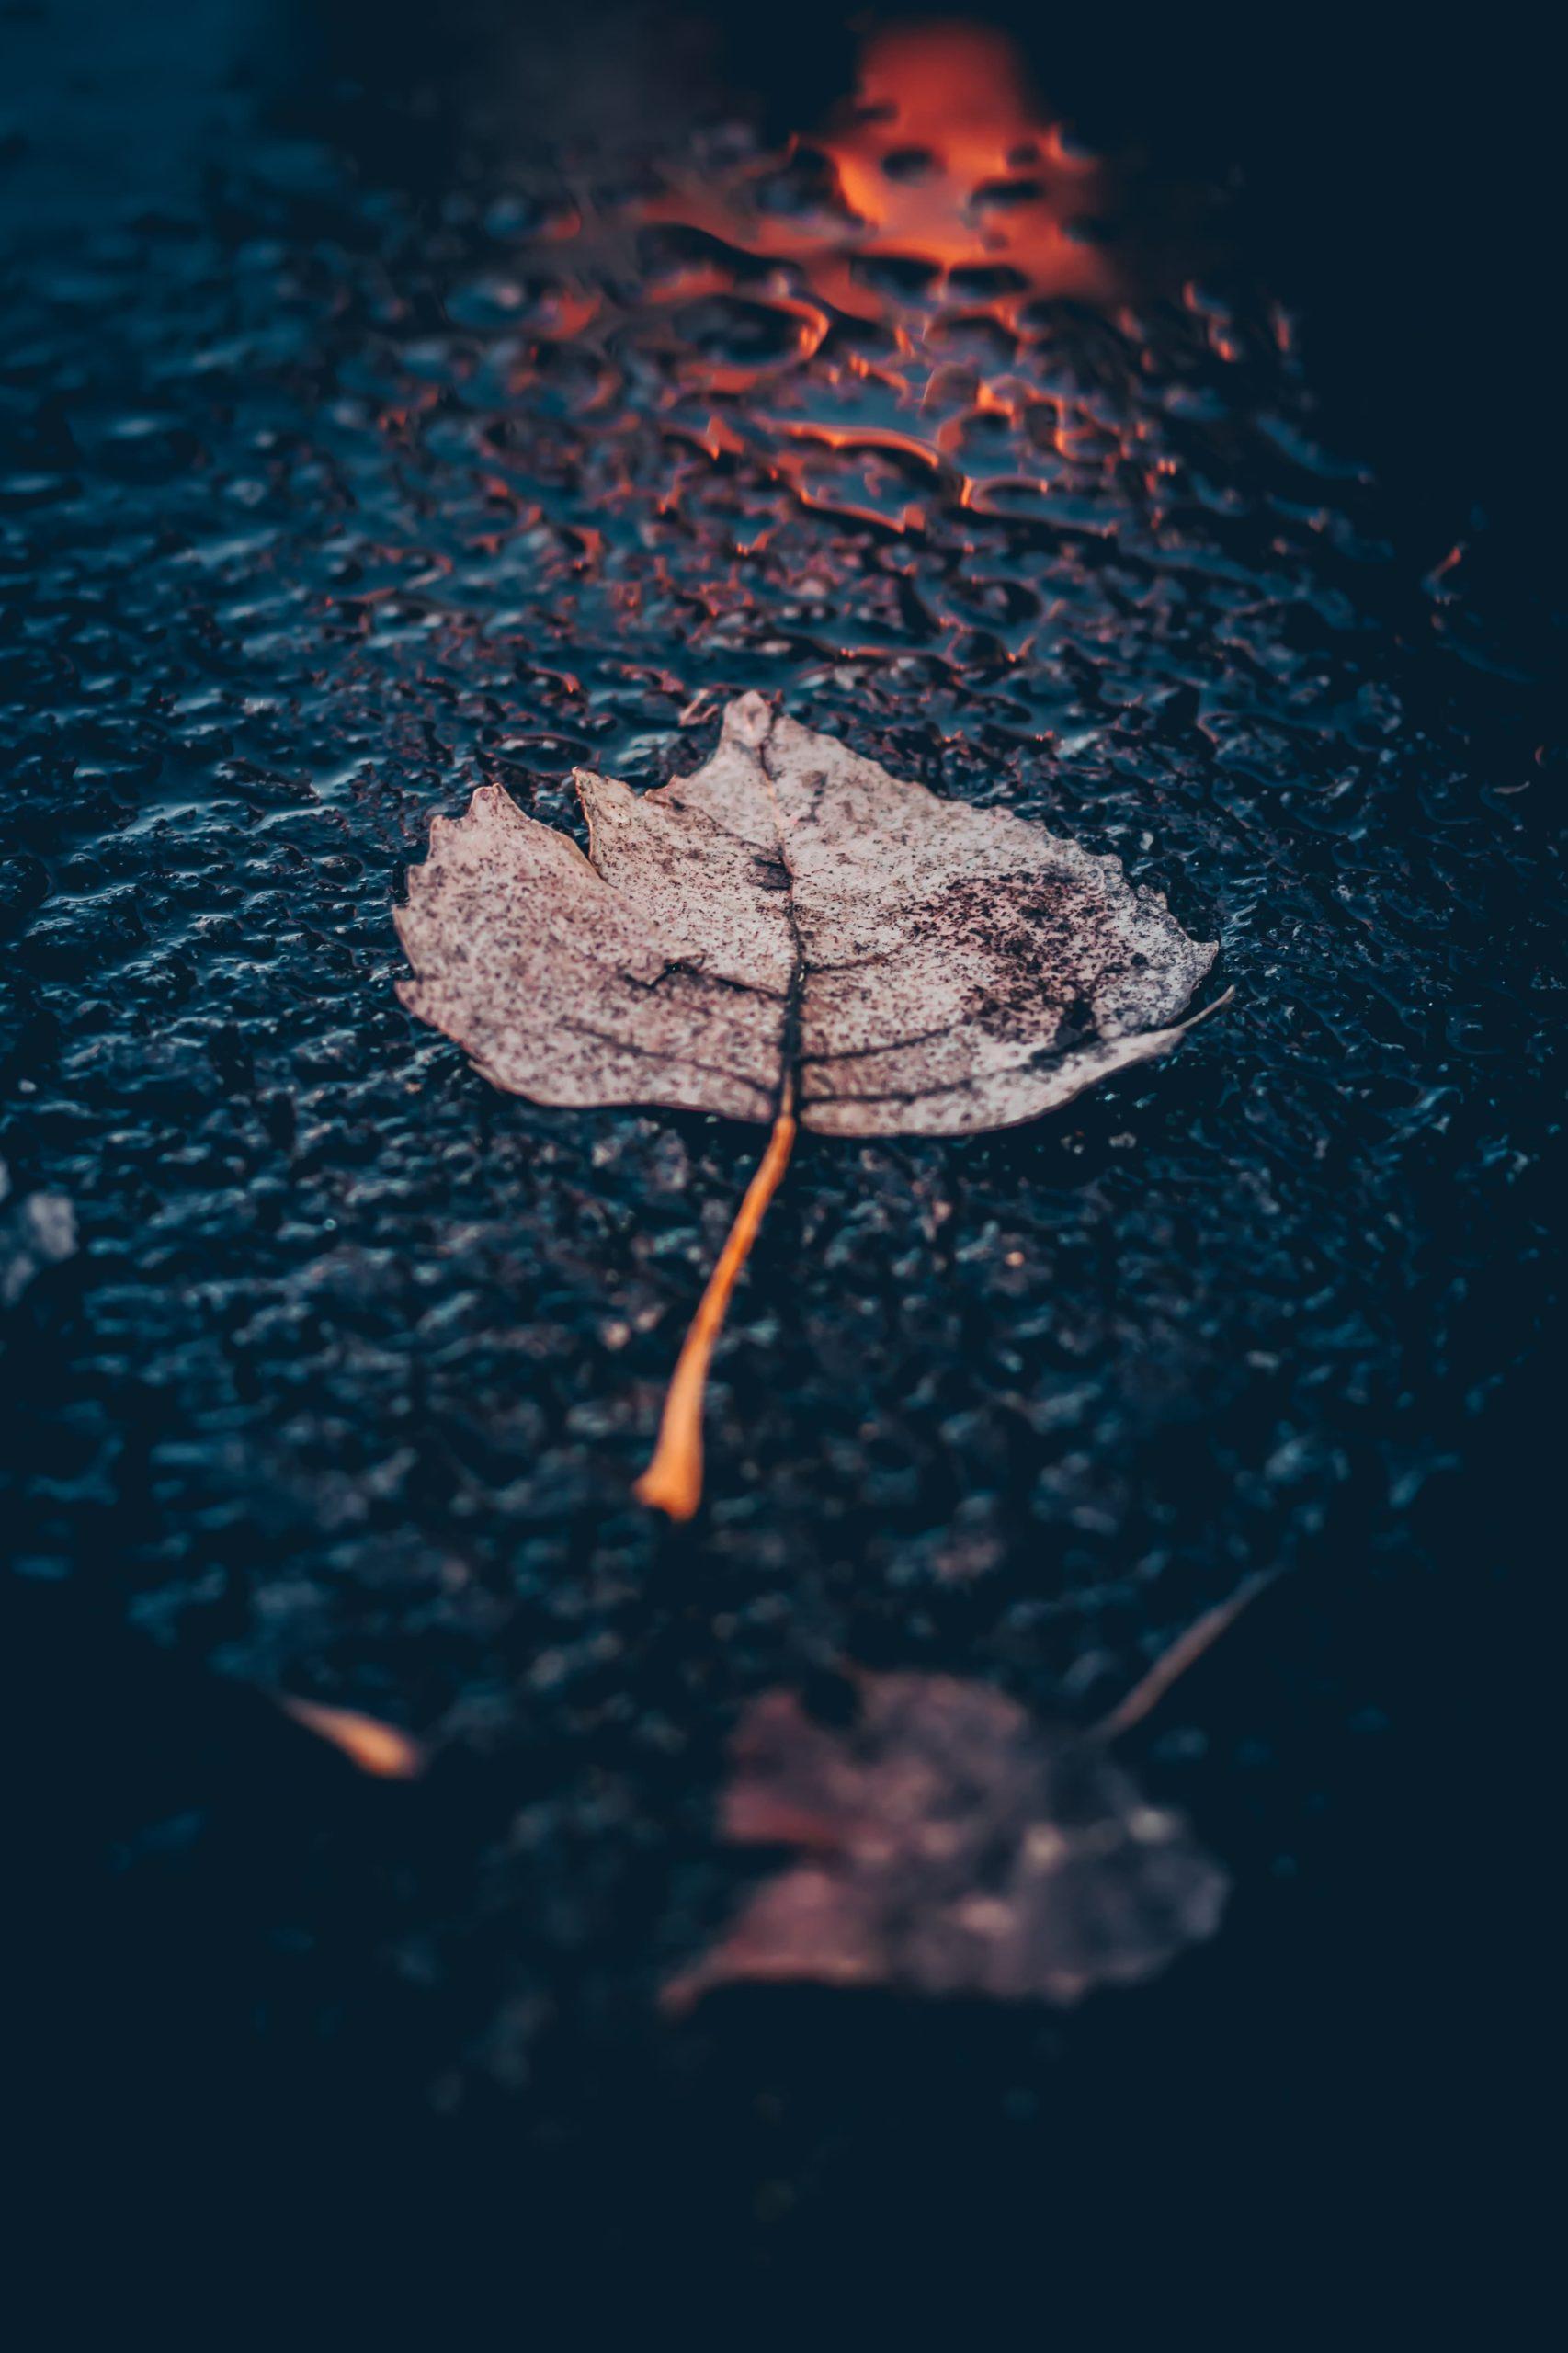 雨のアスファルトに落ちた葉